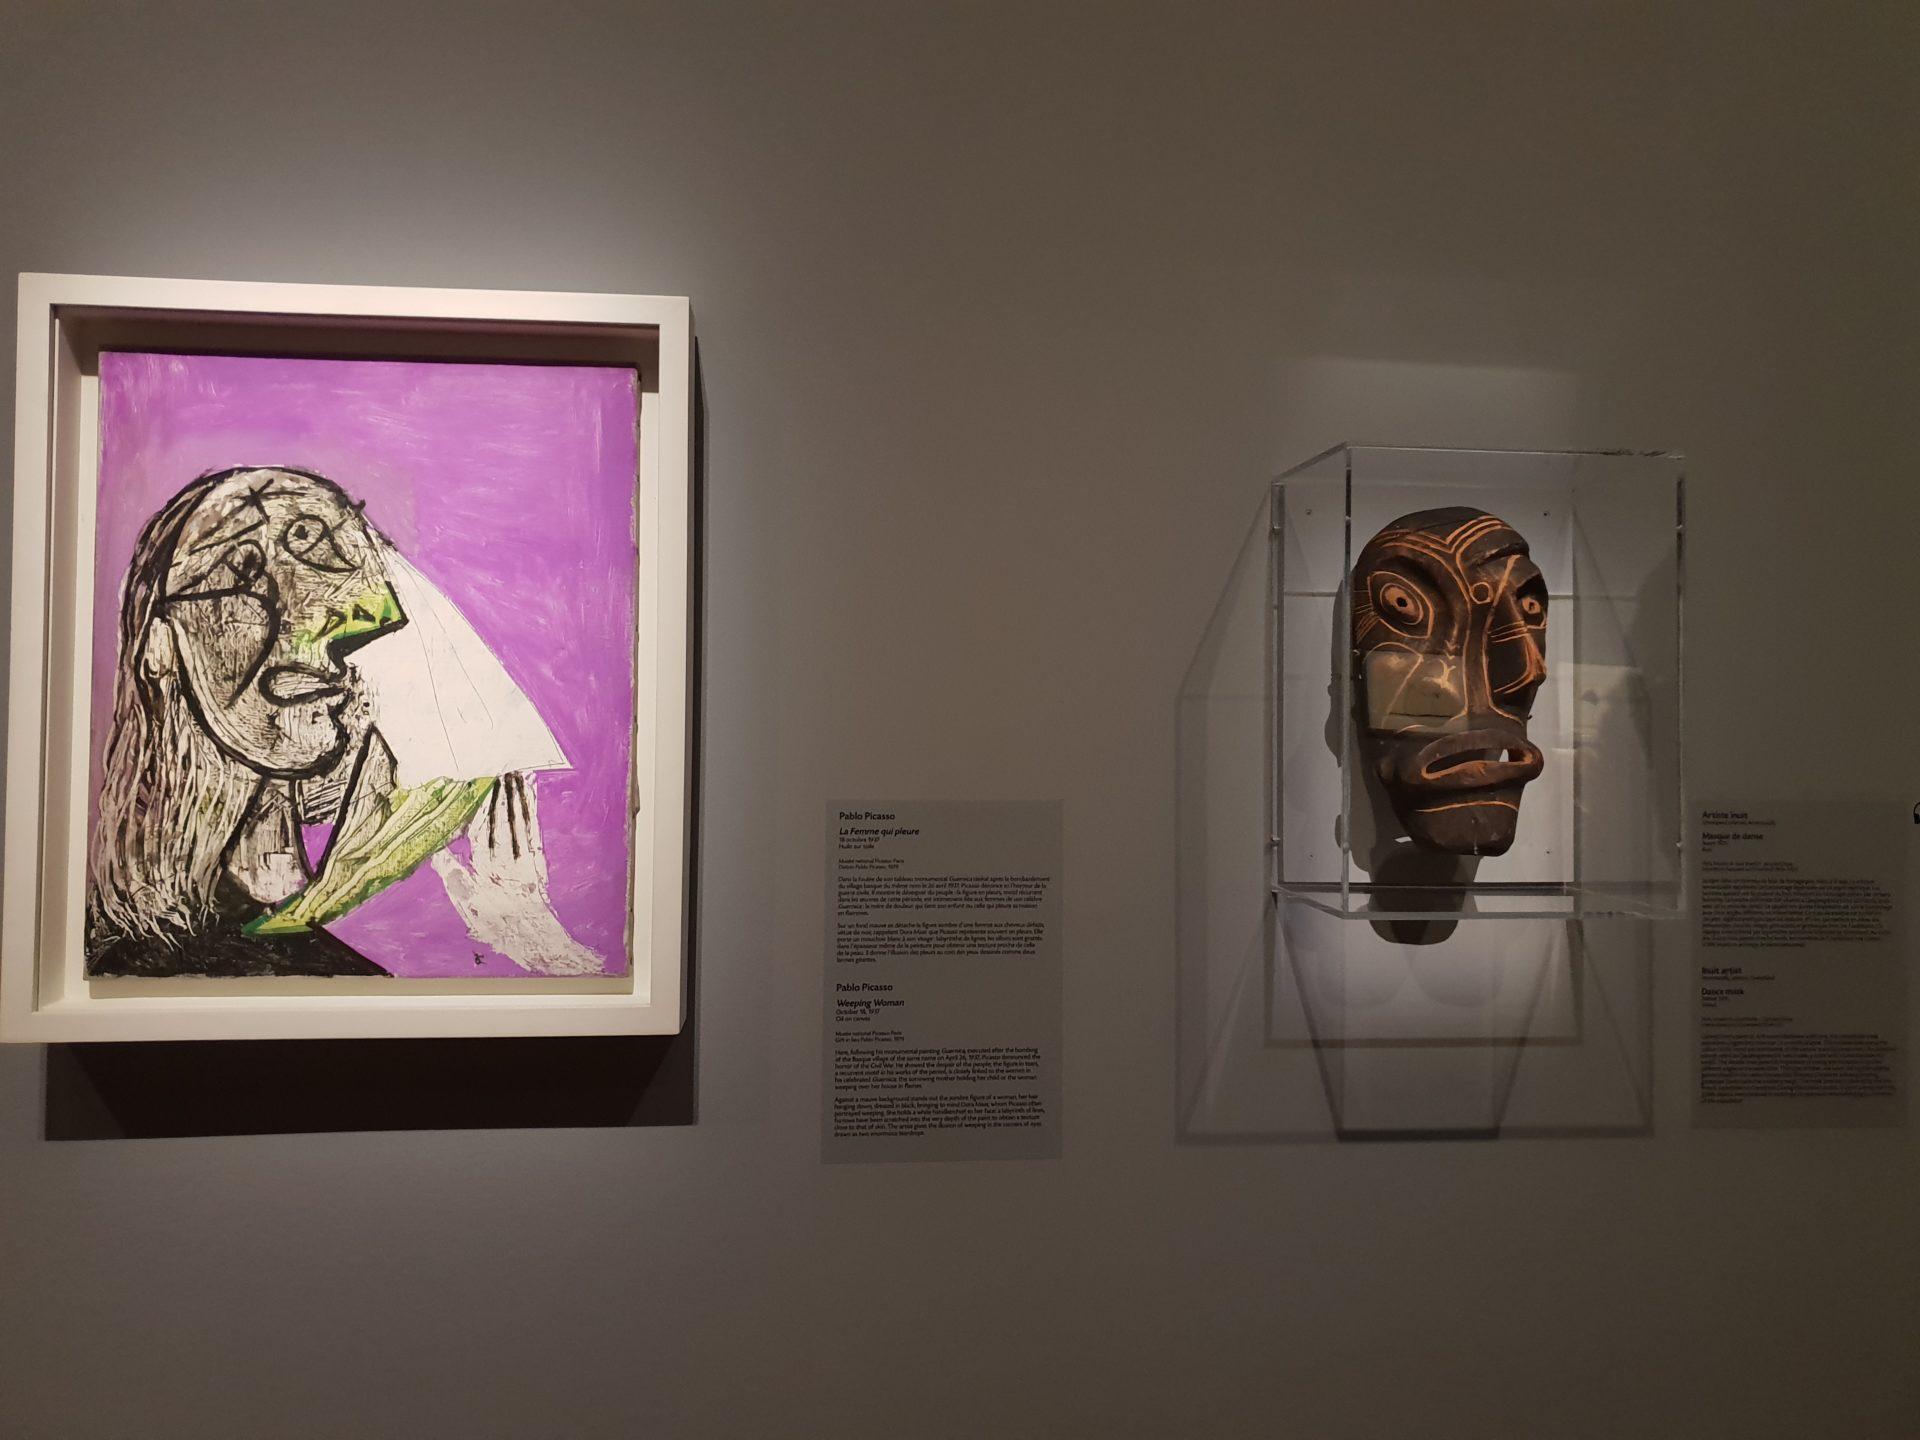 圖4 畢卡索〈哭泣的女人〉與因努特藝術家的〈舞蹈面具〉 (攝影者/陳佳利)